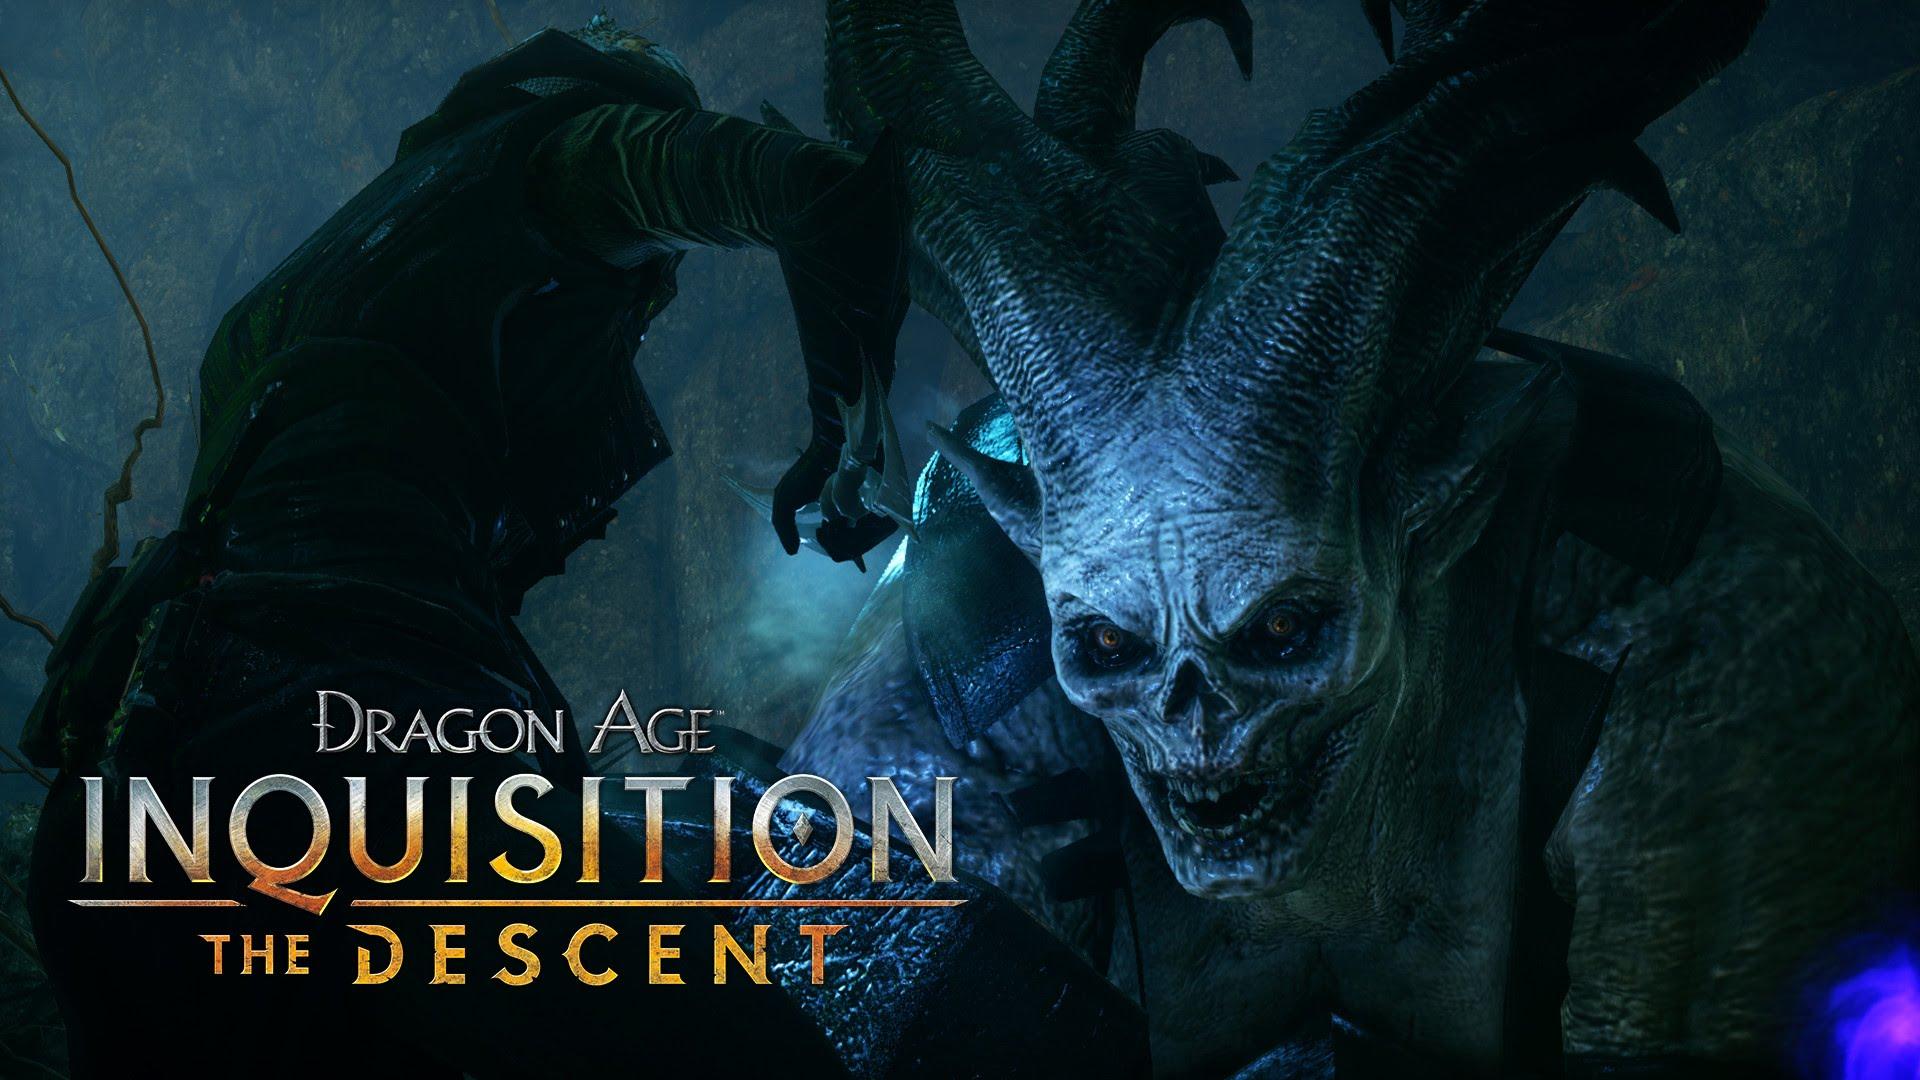 DRAGON AGE™: INQUISITION Offizieller Trailer – Der Abstieg (DLC)